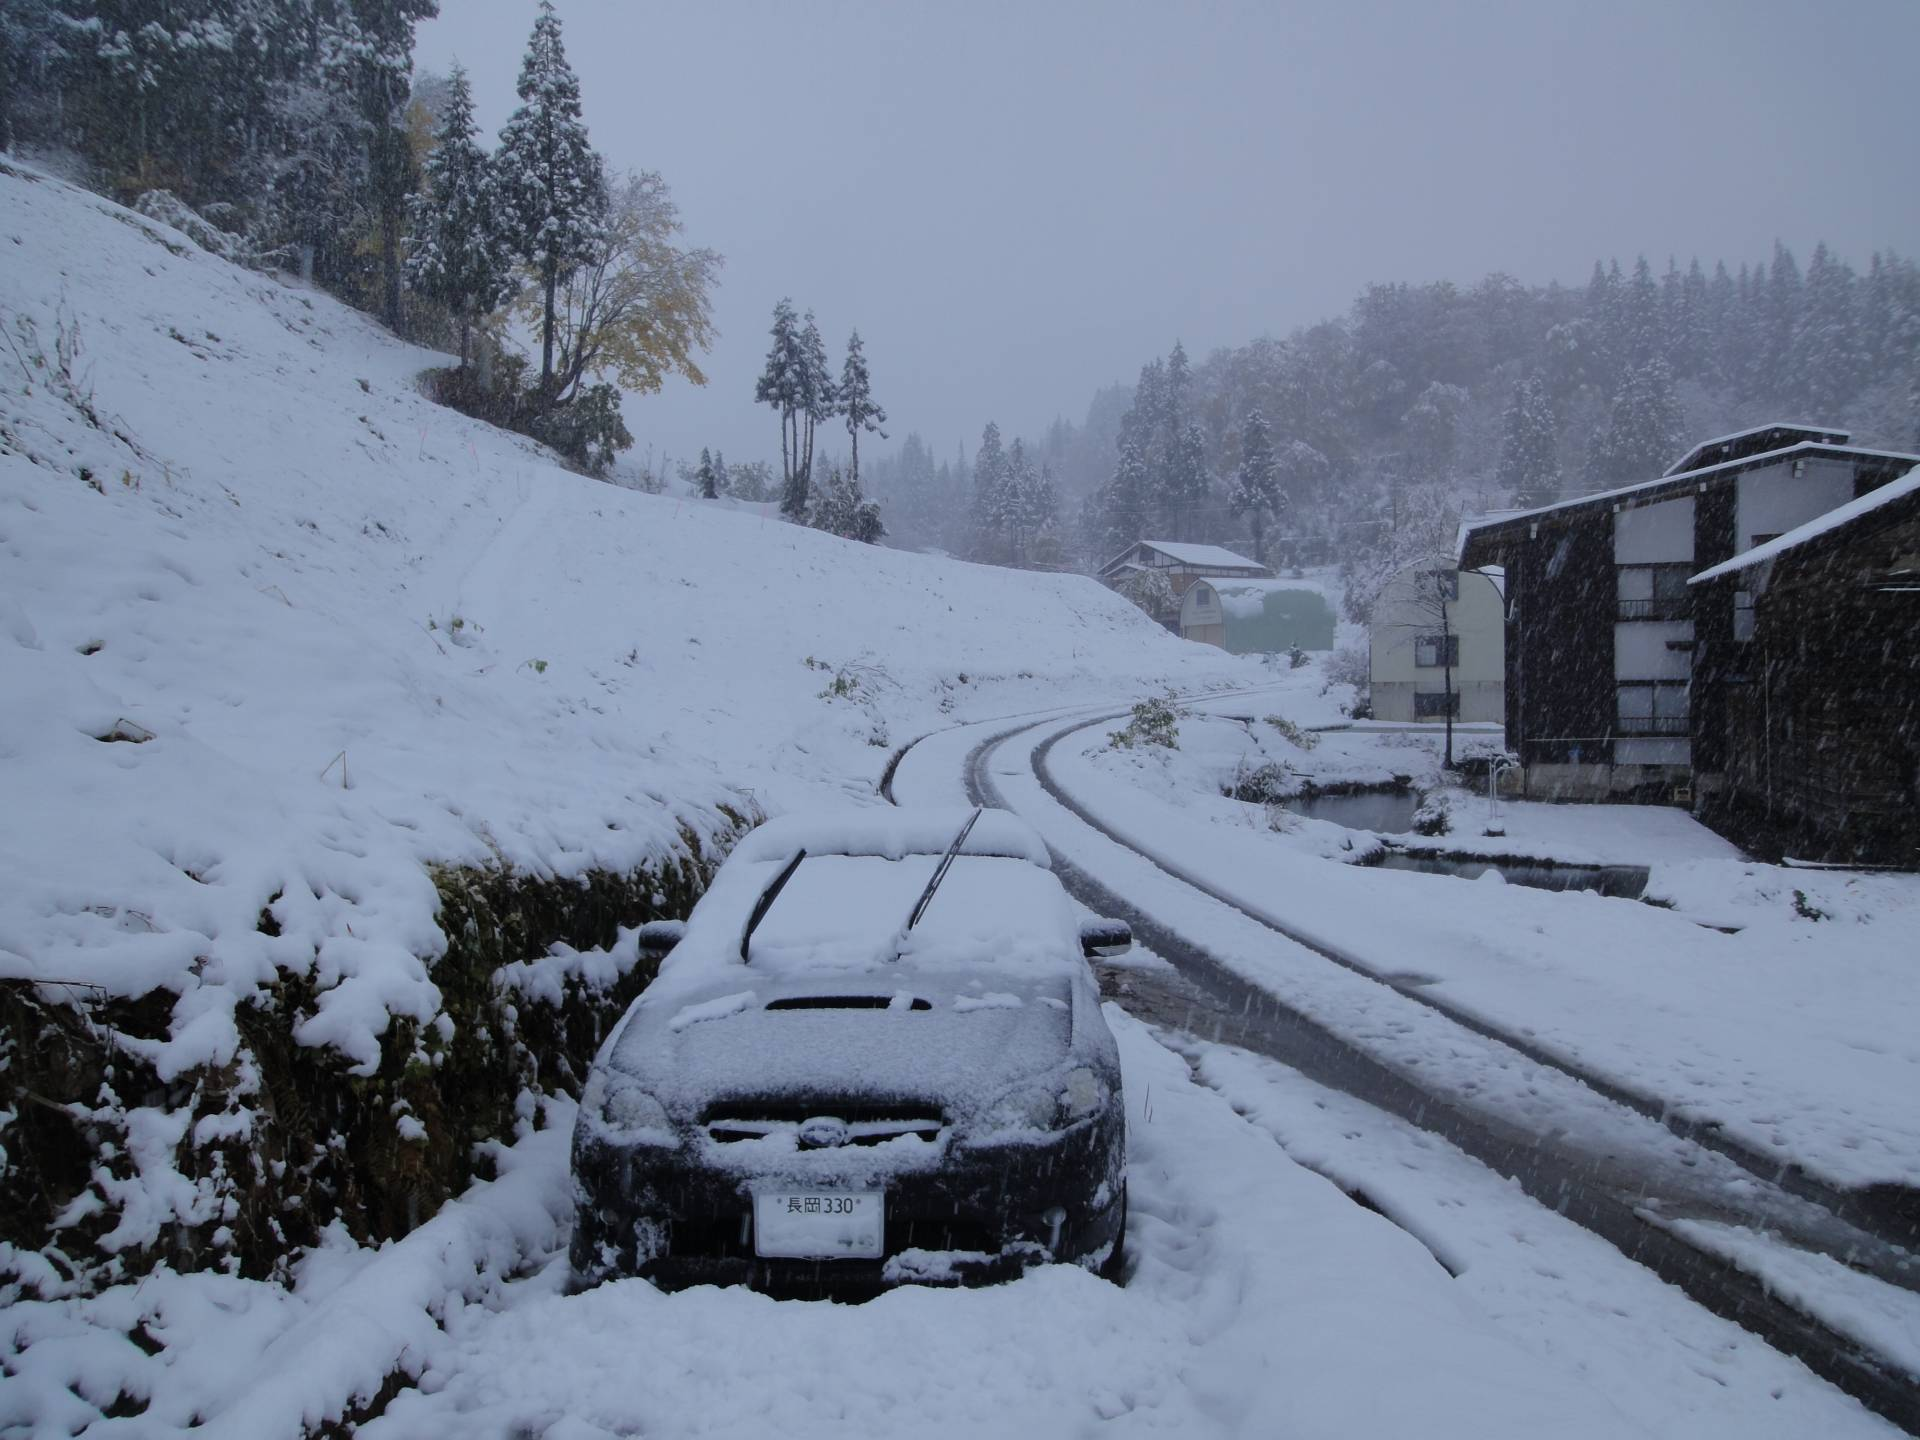 真の日本一の豪雪地帯、松之山町からの雪ヲタによる実況と配信とか